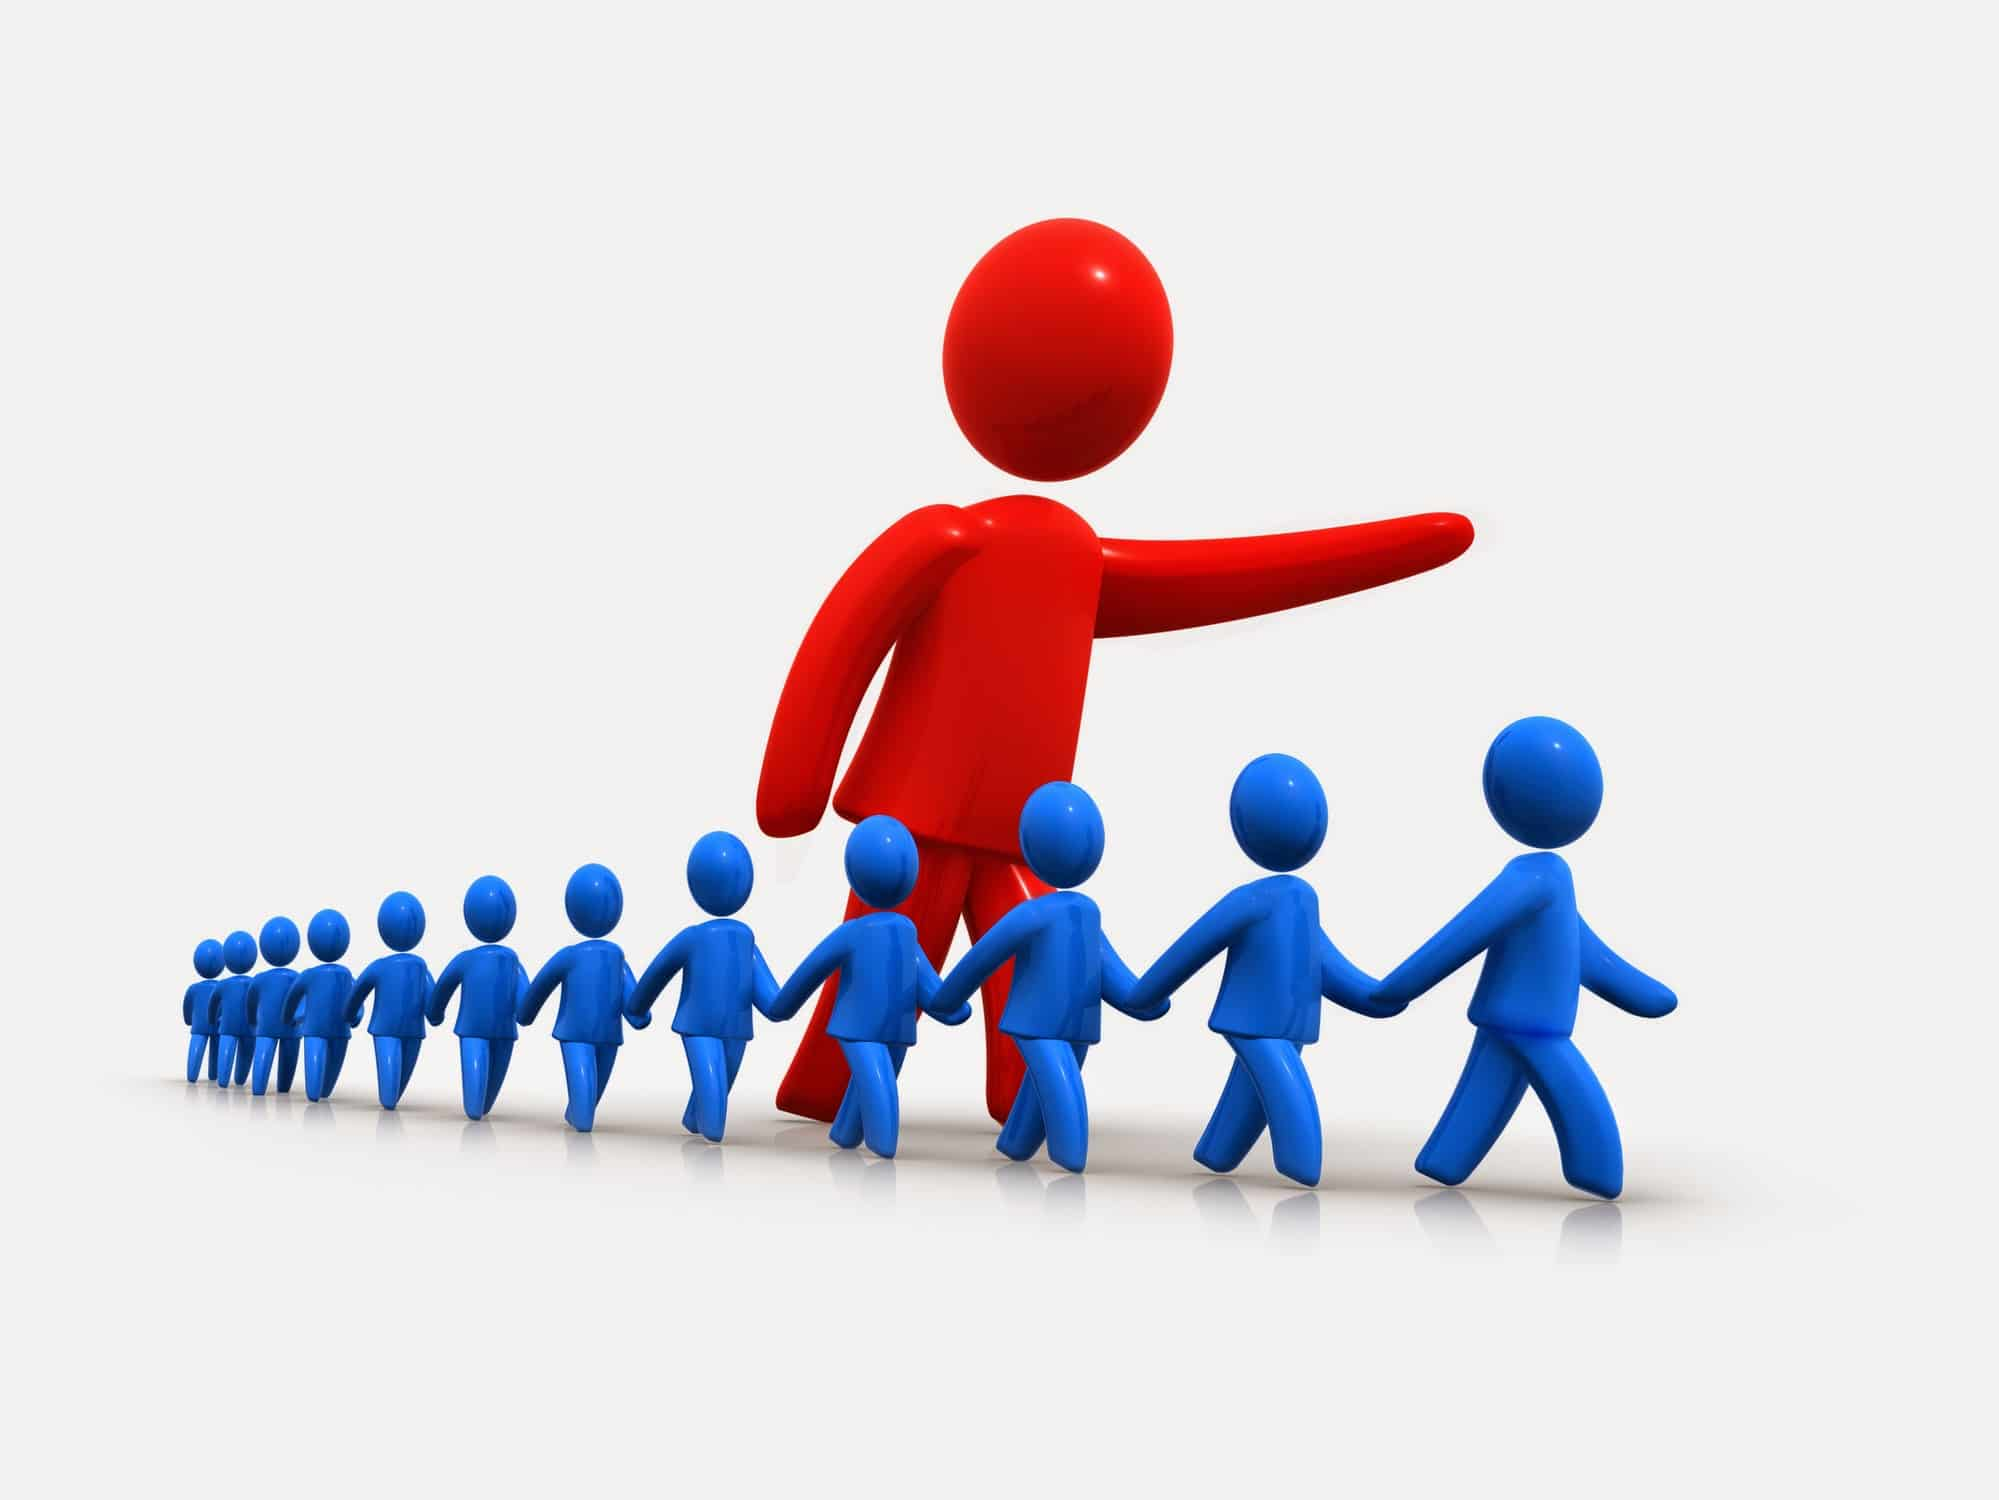 Cómo dirigir una empresa ¡Una gran responsabilidad!